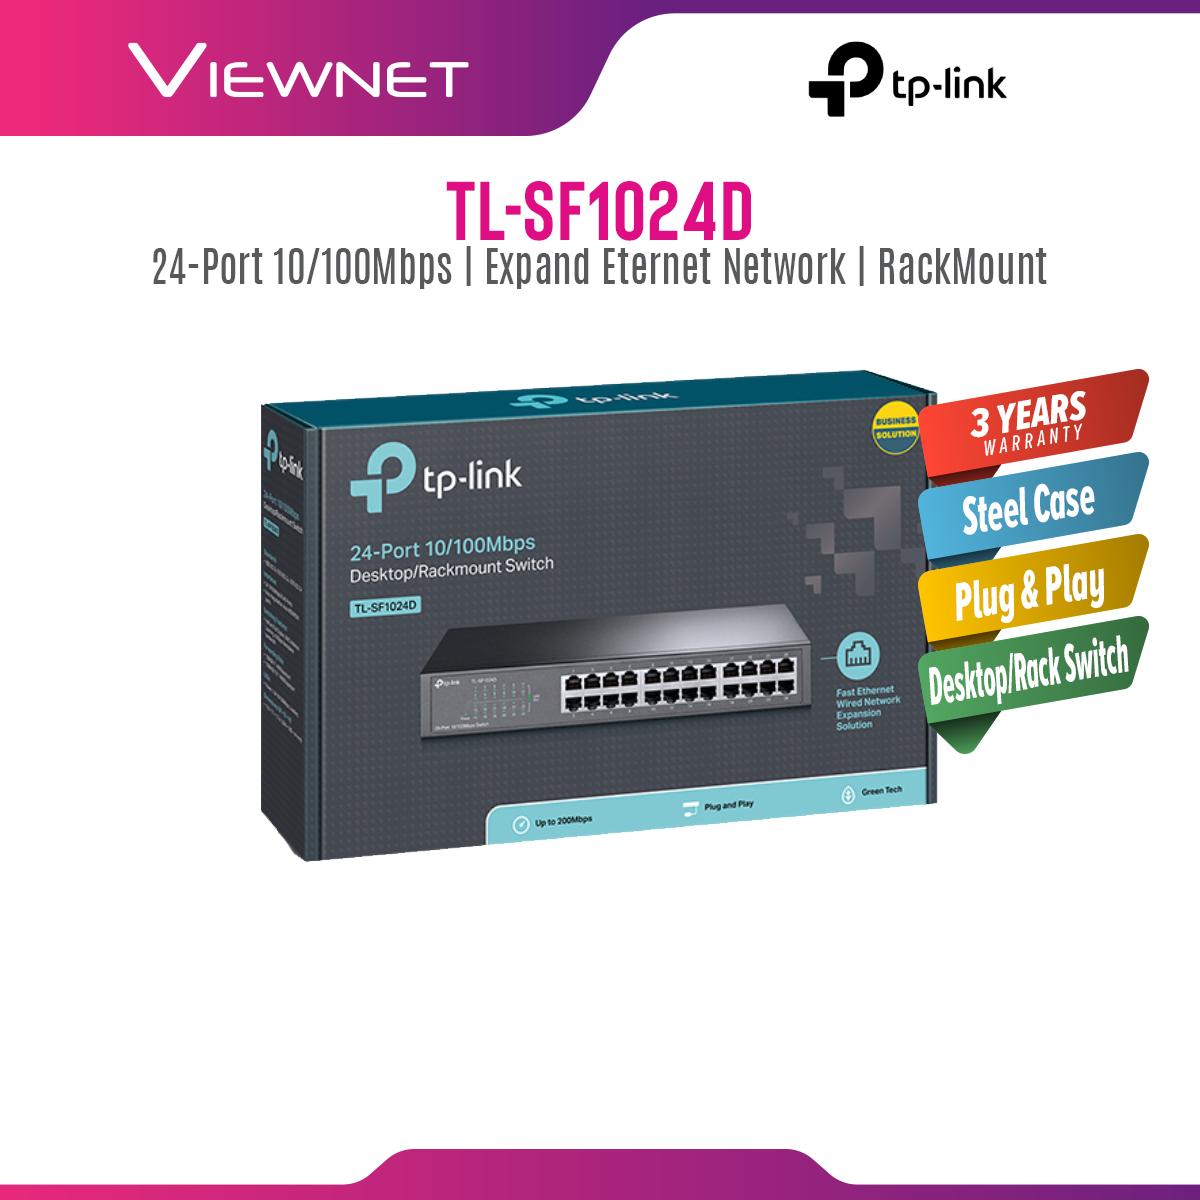 TP-Link TL-SF1024D STD 24-Port Switch